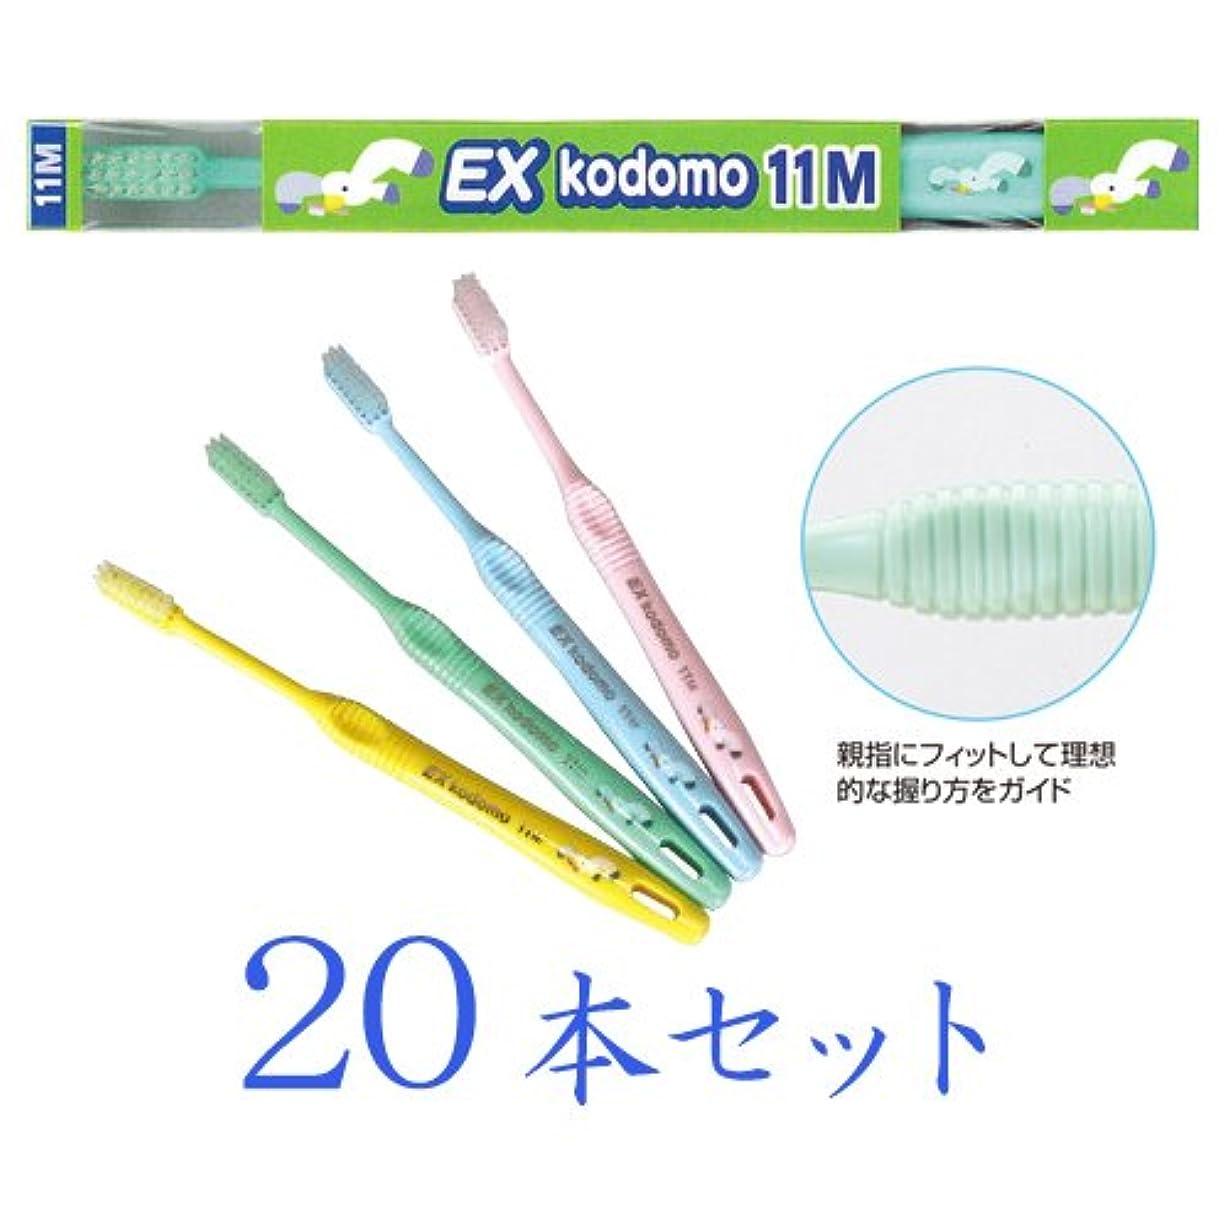 家主ペナルティユダヤ人ライオン DENT.EX コドモ歯ブラシ 20本入 11M(混合歯列後期用?8~12歳)(カモメ)